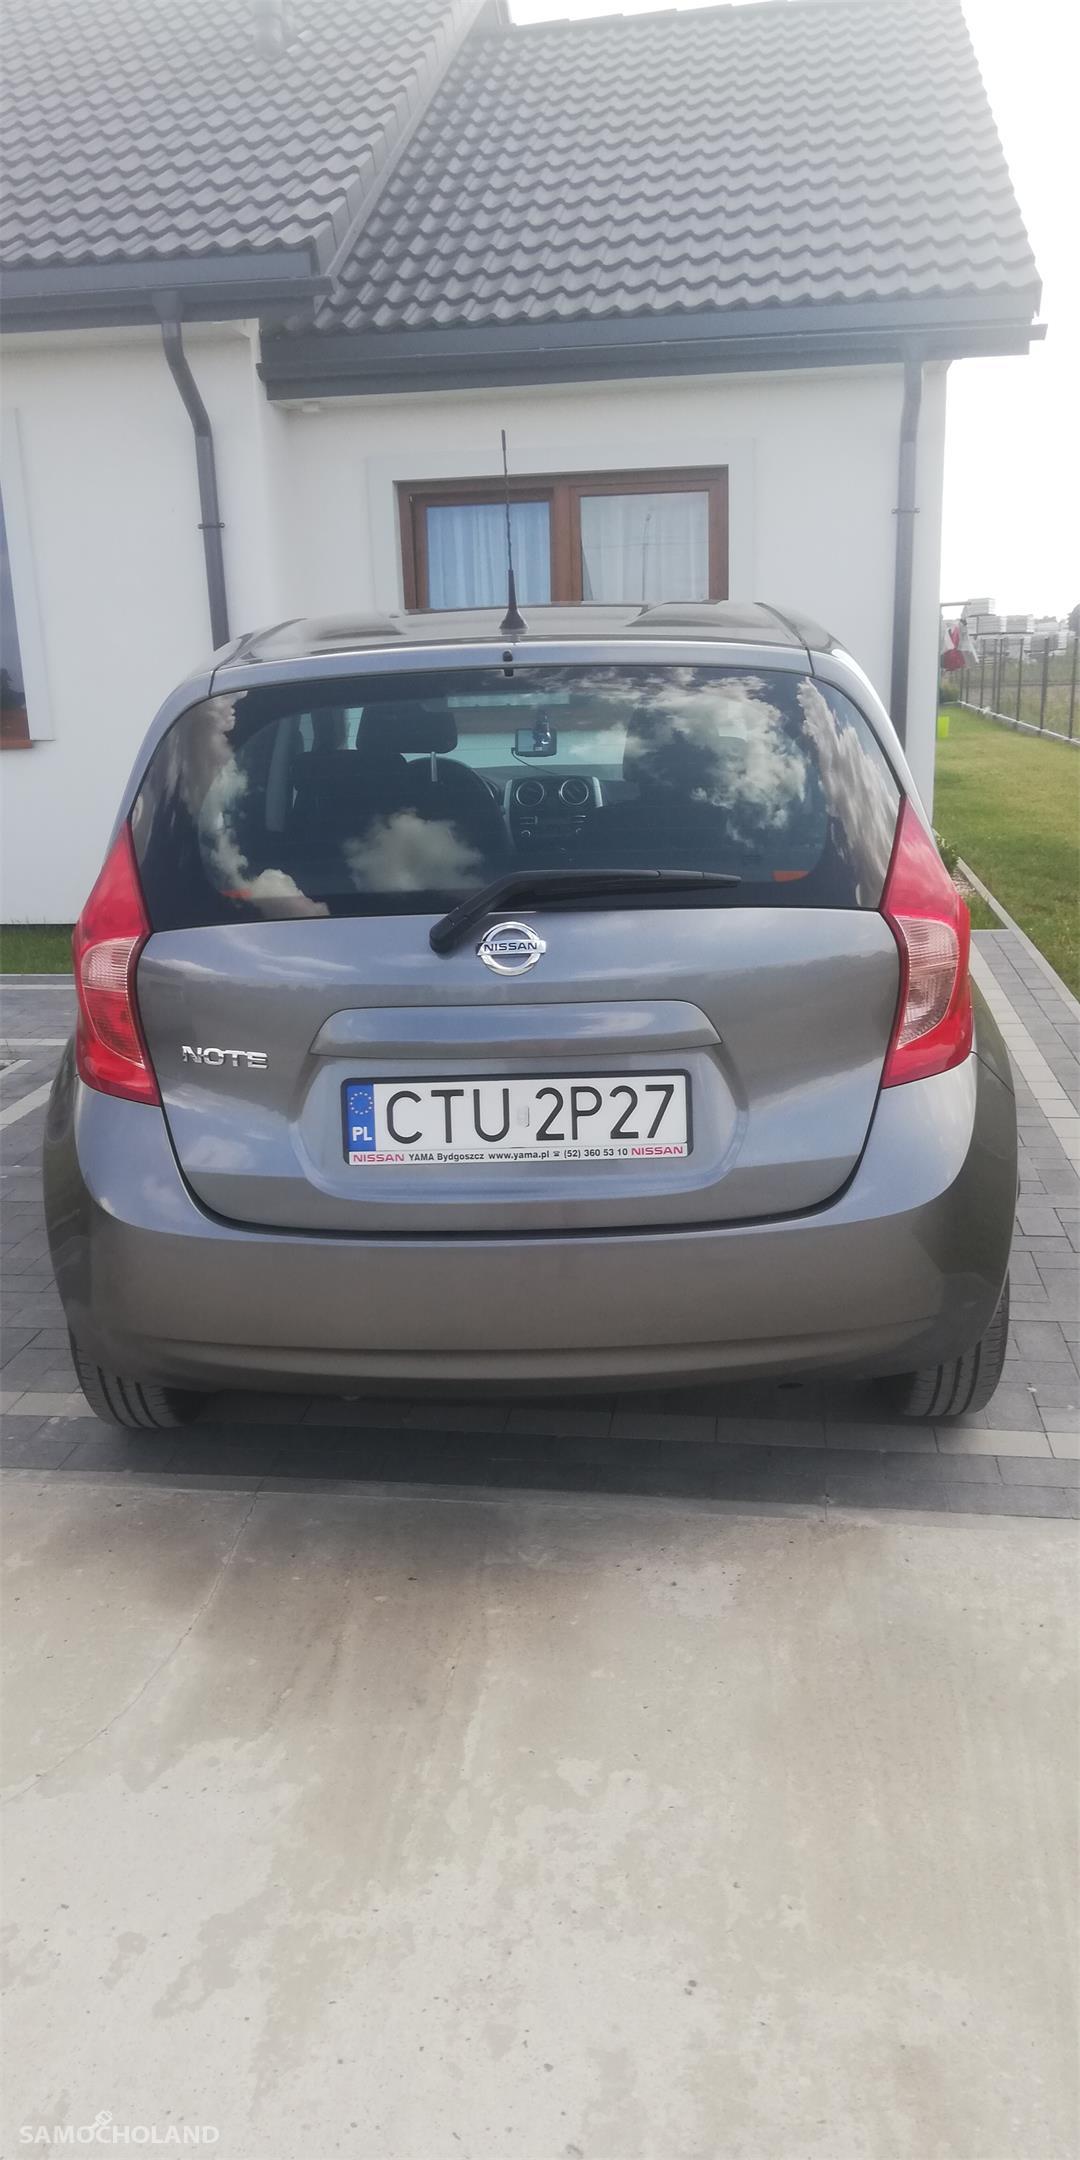 Nissan Note II (2013-) 2016 Mały przebieg. Kupiony w Polskim salonie.Serwisowany. Stan idealny. Pierwszy właściciel. Garażowany 7